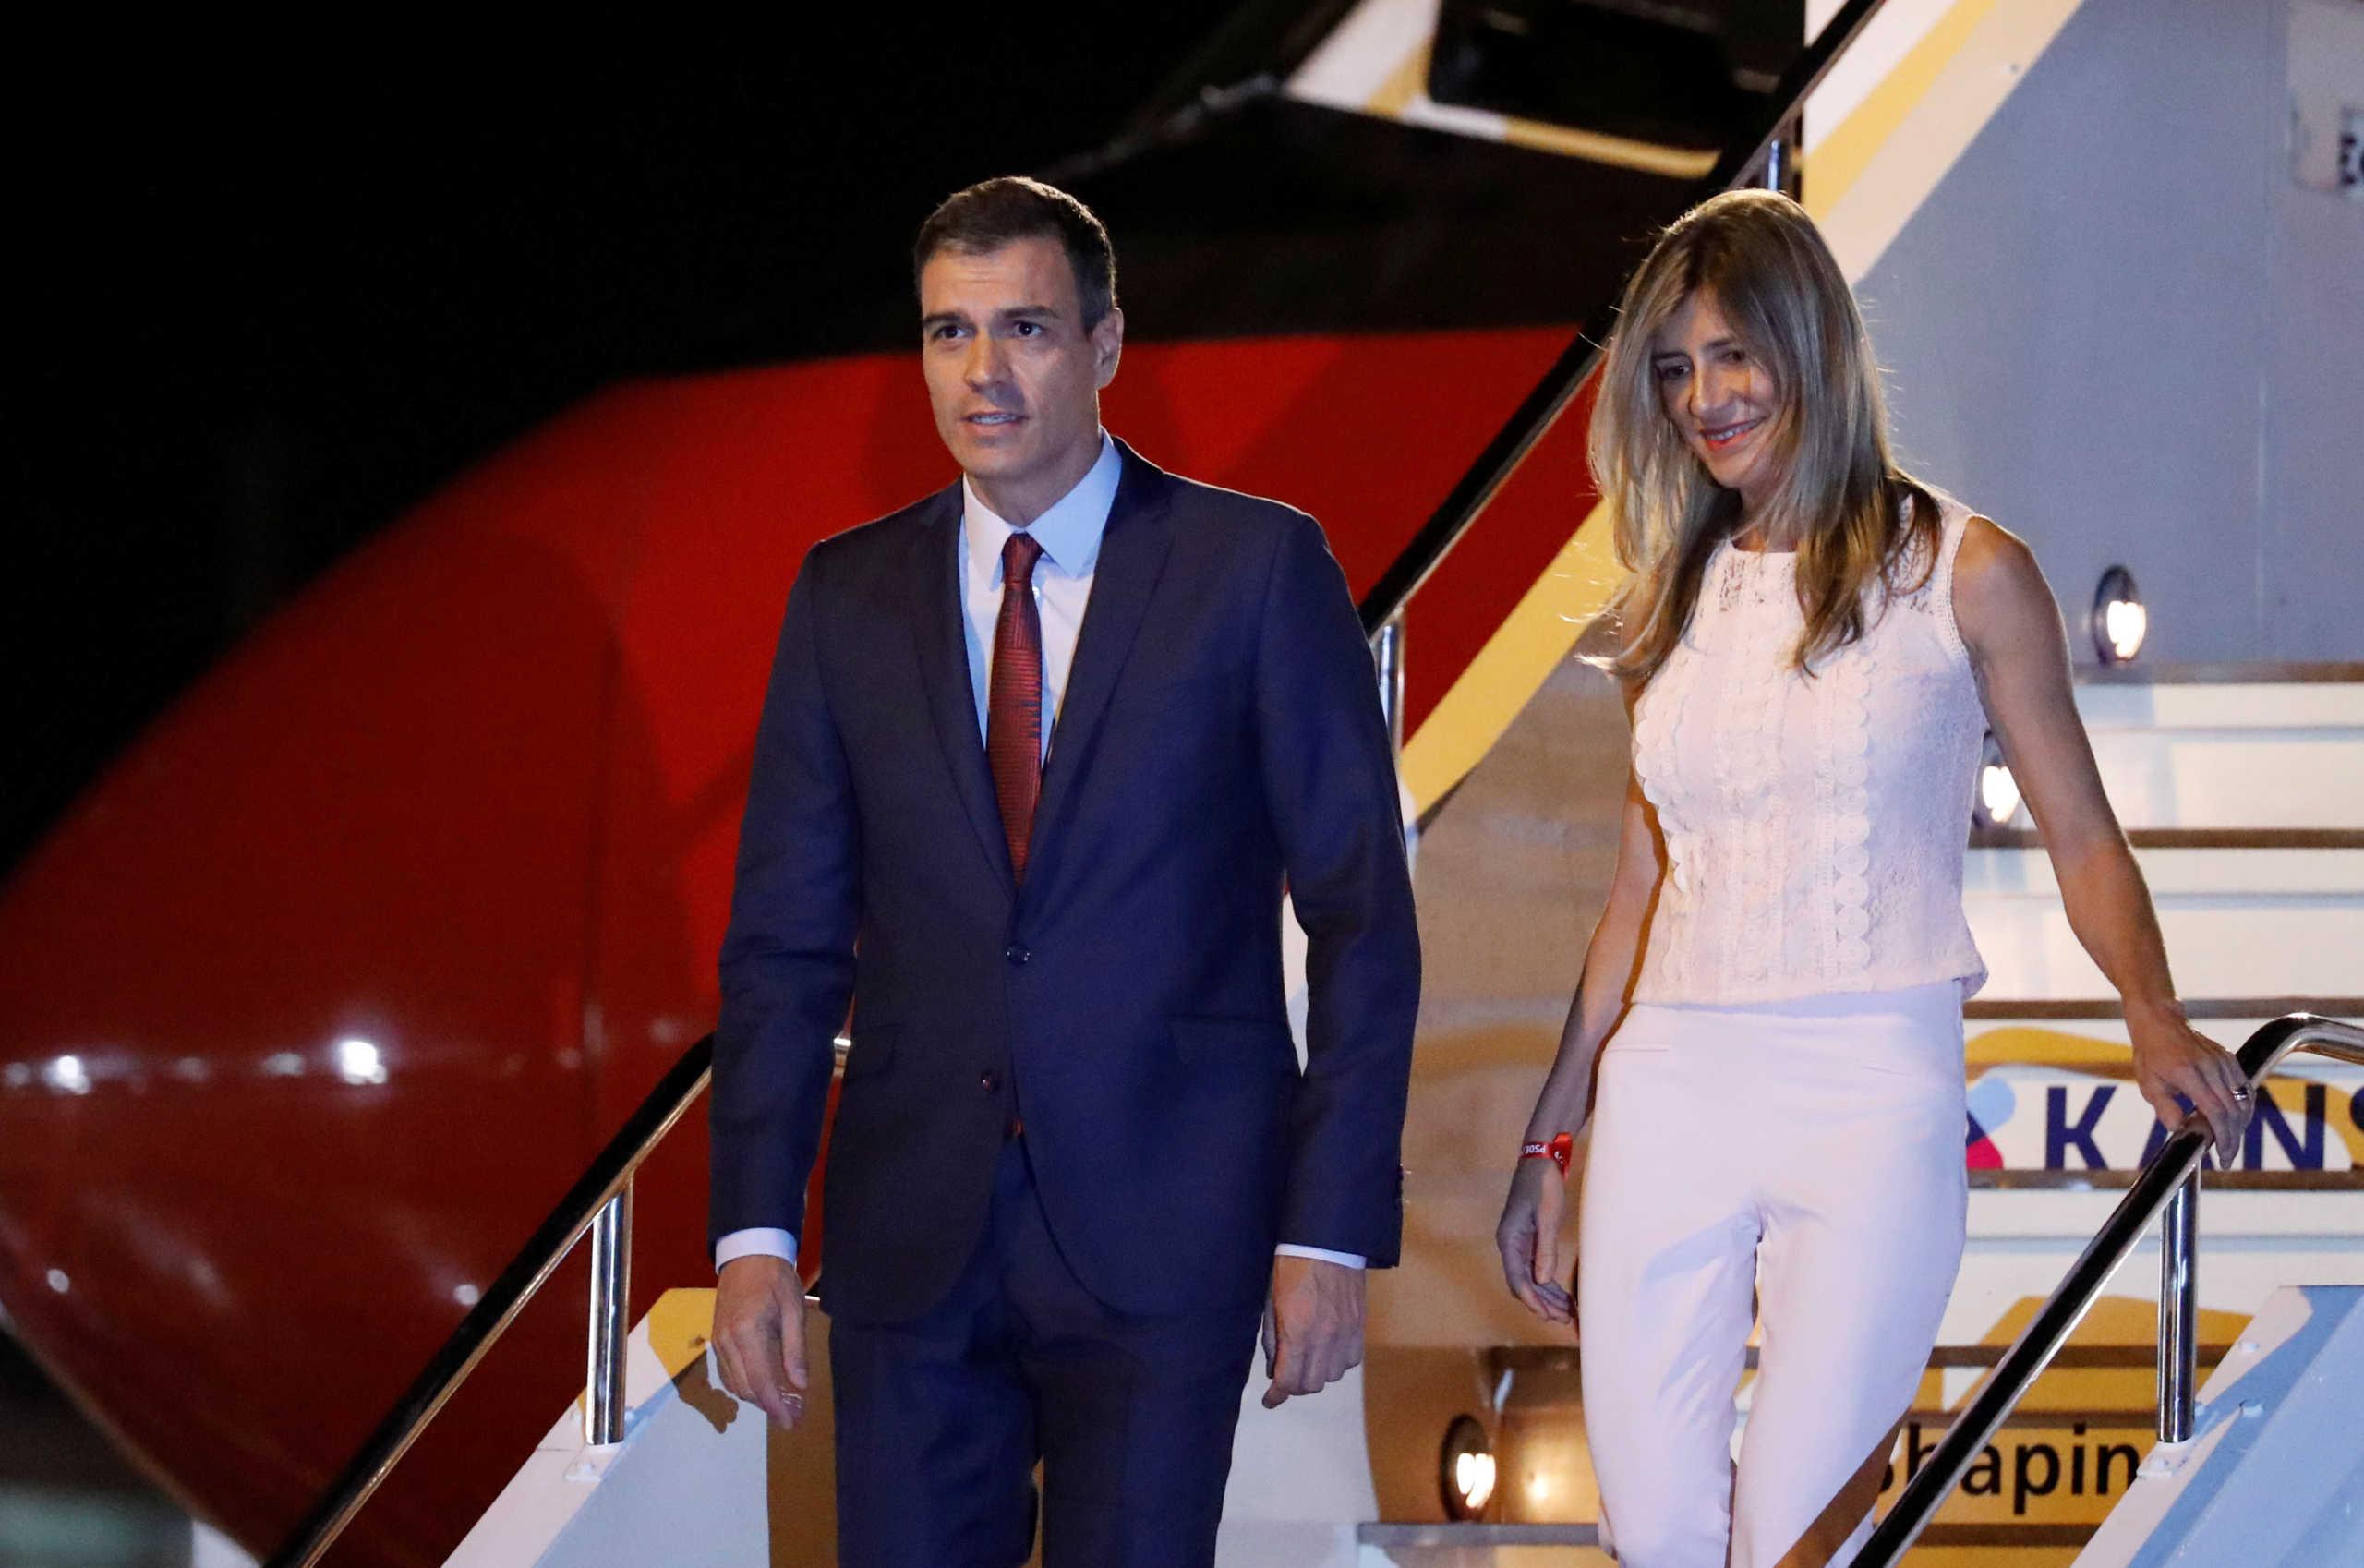 Κορονοϊός: Θετική στον ιό η σύζυγος του πρωθυπουργού της Ισπανίας! Ολική καραντίνα στη χώρα